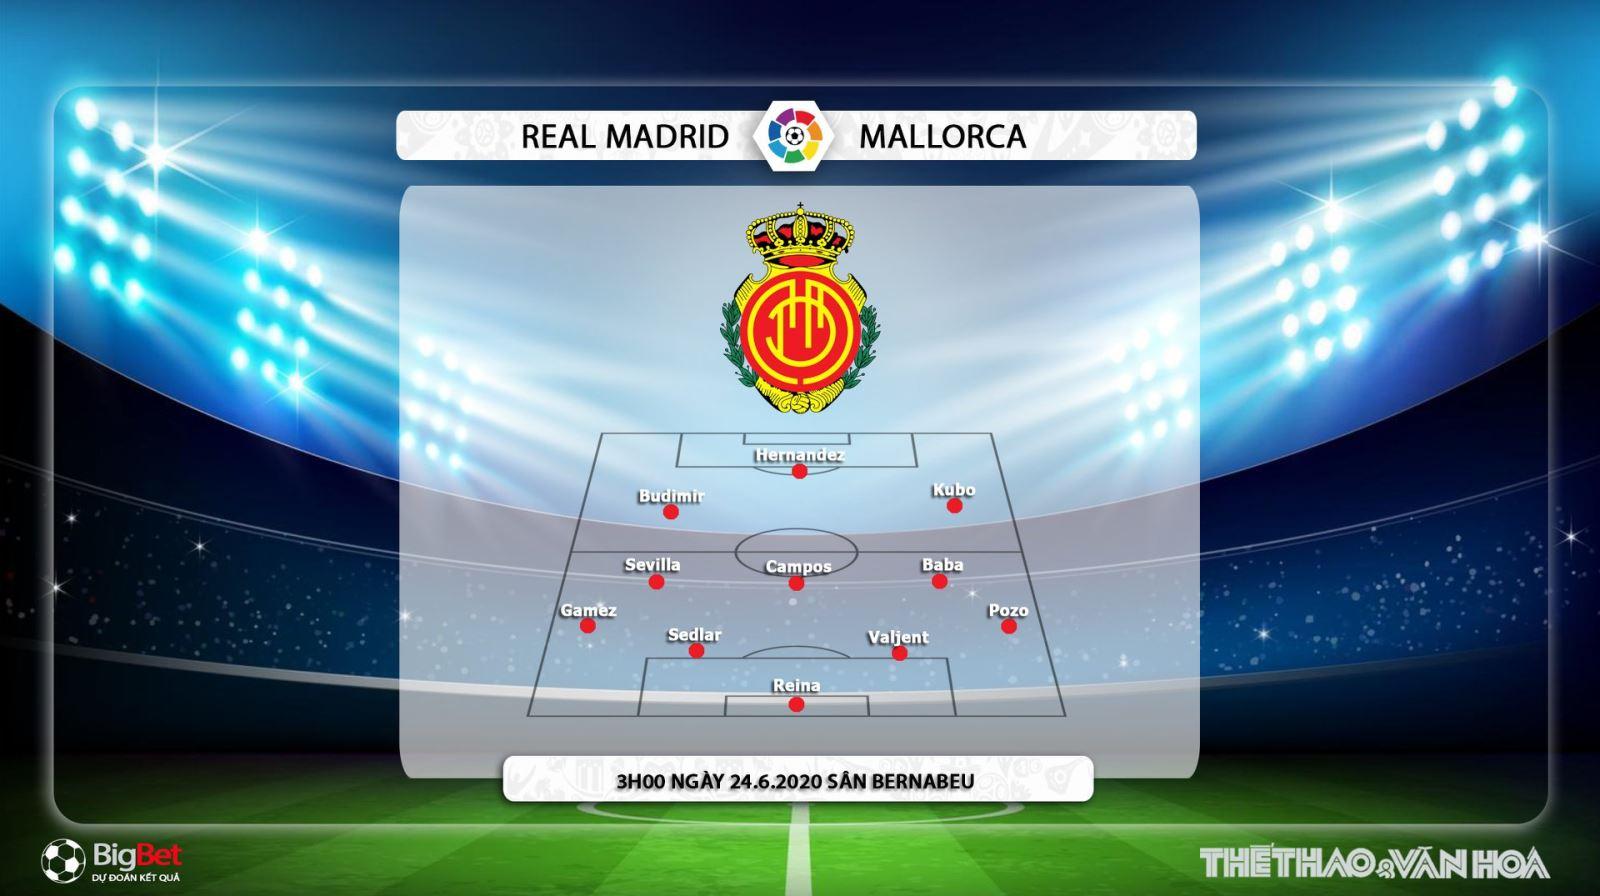 Real Madrid vs Mallorca, Real Madrid, Mallorca, trực tiếp bóng đá, bóng đá, bong da, La Liga